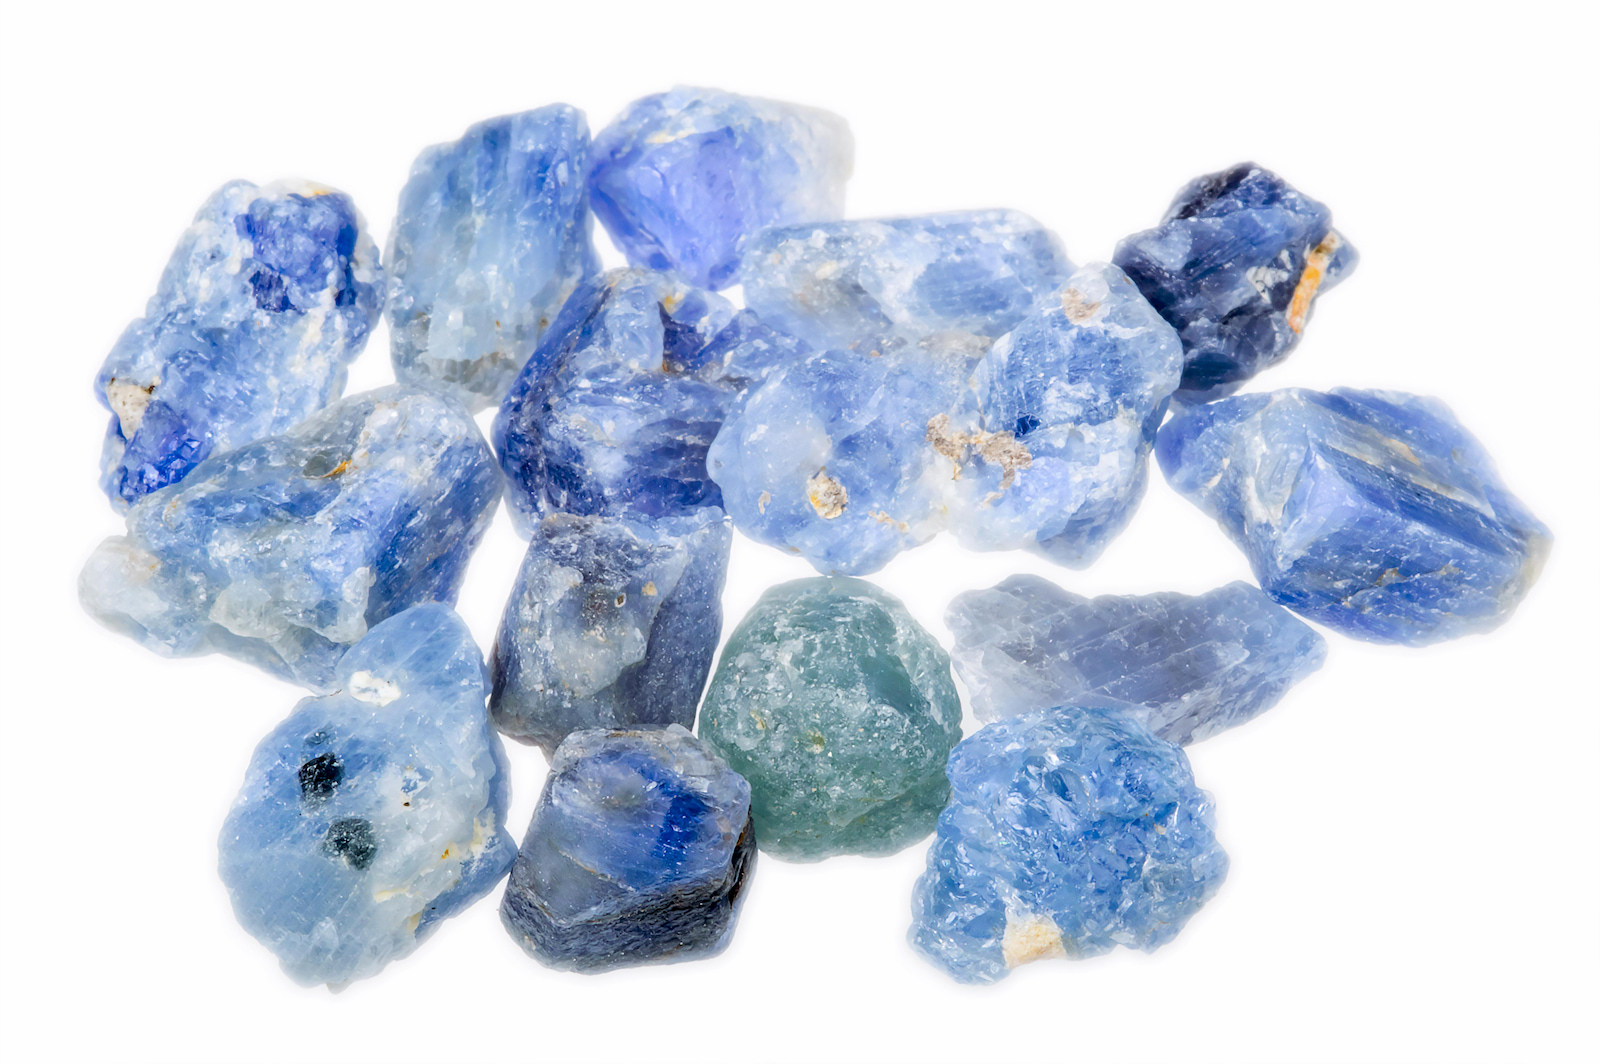 Ungeschliffene Saphire in verschiedenen Blautönen